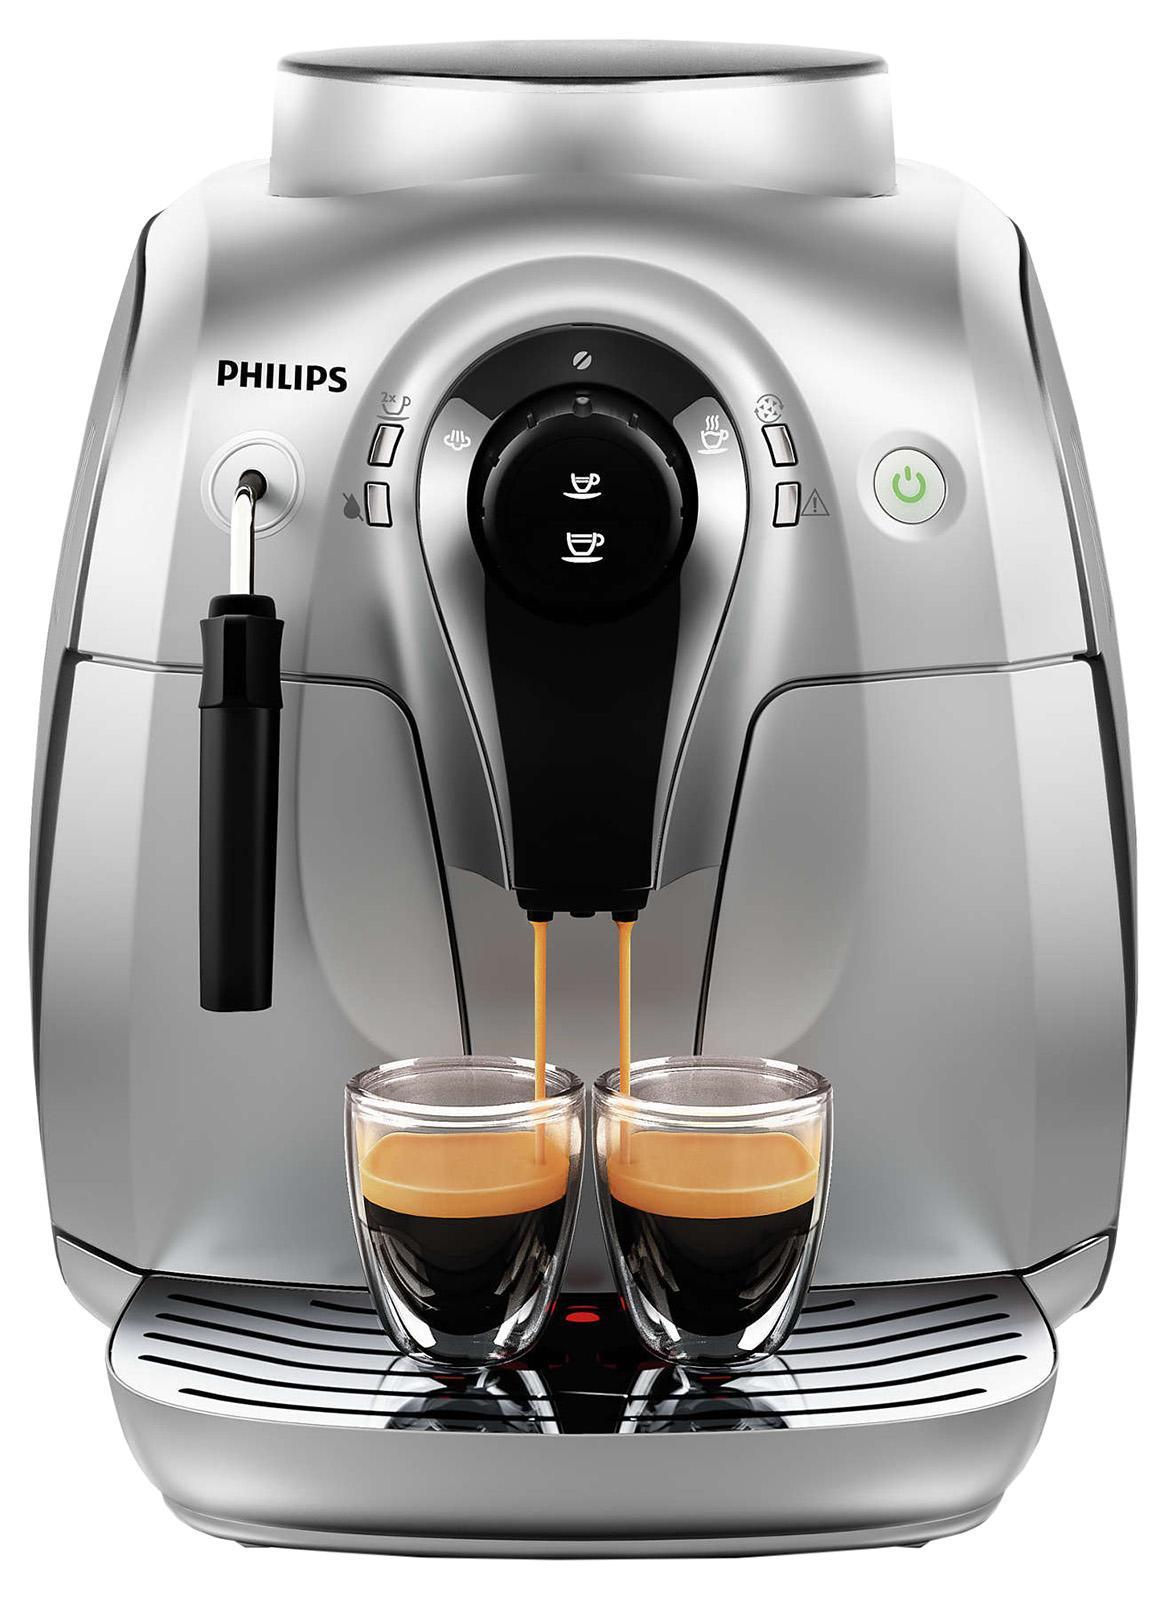 Philips HD8649/51 кофемашинаHD8649/51Эспрессо из свежемолотых кофейных зерен простым нажатием кнопки.Приготовьте одну или сразу две порции превосходного эспрессо,сваренного из свежемолотых кофейных зерен, просто нажав на кнопку иподождав несколько секунд. Потрясающий вкус благодаря 100%-нокерамическим жерновамПотрясающий вкус благодаря 100%-но керамическимжерновам. Забудьте о жженом привкусе кофе благодаря 100%-нокерамическим жерновам, которые не перегревают зерна. Керамикагарантируетдолгий срок службы и бесшумную работу. Регулируемыенастройкипомола для идеального вкуса кофеРегулируемые настройки помоладляидеального вкуса кофе Выберите одну из пяти степеней помола навашвкус — от самого тонкого для приготовления насыщенногокрепкогоэспрессо до самого грубого для более легкого вкуса. Сохранитеперсональные настройки объема напитка с помощью функциизапоминания. Благодаря функции запоминания вы можетезапрограммировать исохранить нужный объем, чтобы всегда готовить любимый кофетак,как вам нравится. Одним нажатием кнопки вы сможете сваритьвеликолепный напиток любого объема. Классический капучинатор длявеликолепной молочной пенки. Классический капучинатор, который баристаназывают панарелло, используется для приготовления с помощьюпарамягкой молочной пены для вашего капучино. Почувствуйте себябариста — готовьте вкусные молочные напитки традиционным способом!Удобный и понятный интерфейс для простого управлениякофемашиной.Интуитивно понятный и простой пользовательский интерфейс сбольшимикнопками позволяет с легкостью управлять кофемашиной, в полноймереиспользуя ее возможности. Подходит для кухни любого размераблагодаря компактности и доступу к резервуарам с фронтальнойпанели. Кофемашину невероятно удобно использовать независимо отразмера кухни: она занимает мало места,а доступ к резервуару дляводы и контейнеру для отходовосуществляется с фронтальной панели.Разработано для вашего наслаждениялюбимым кофе. Полностью съемнаяварочная группа для удобной очистки. Варочнаягруппа — этоо